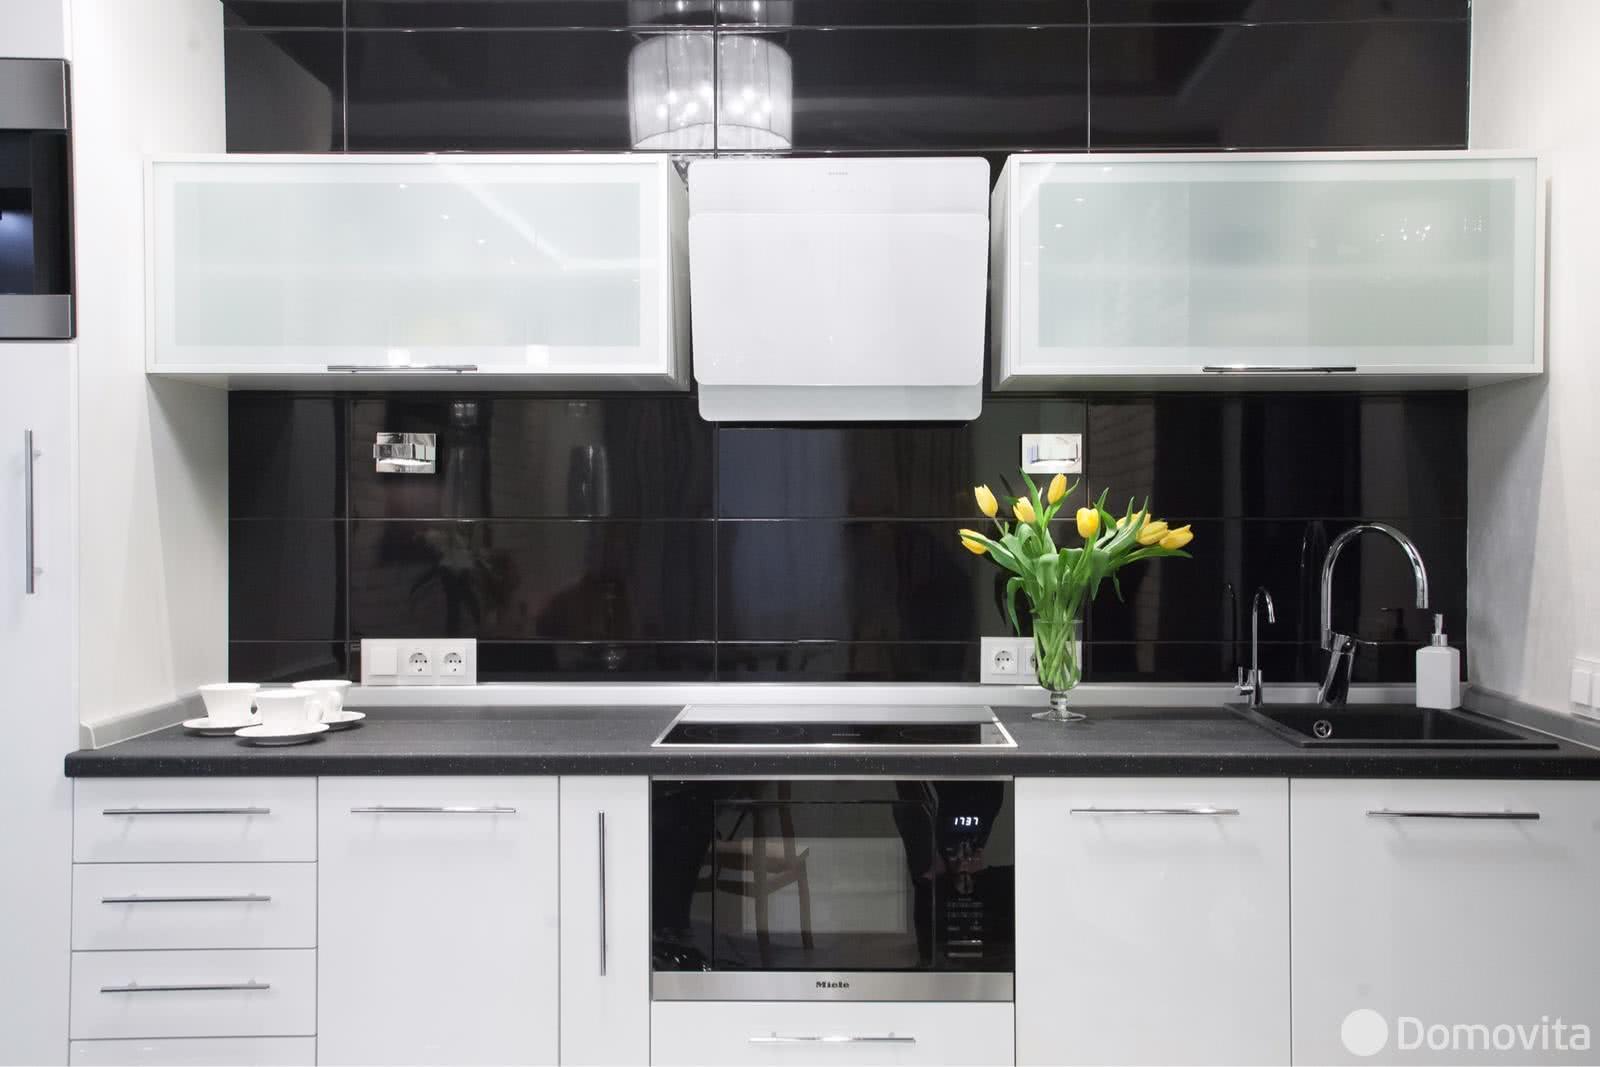 Аренда 2-комнатной квартиры на сутки в Минске ул. Ленина, д. 11 - фото 4